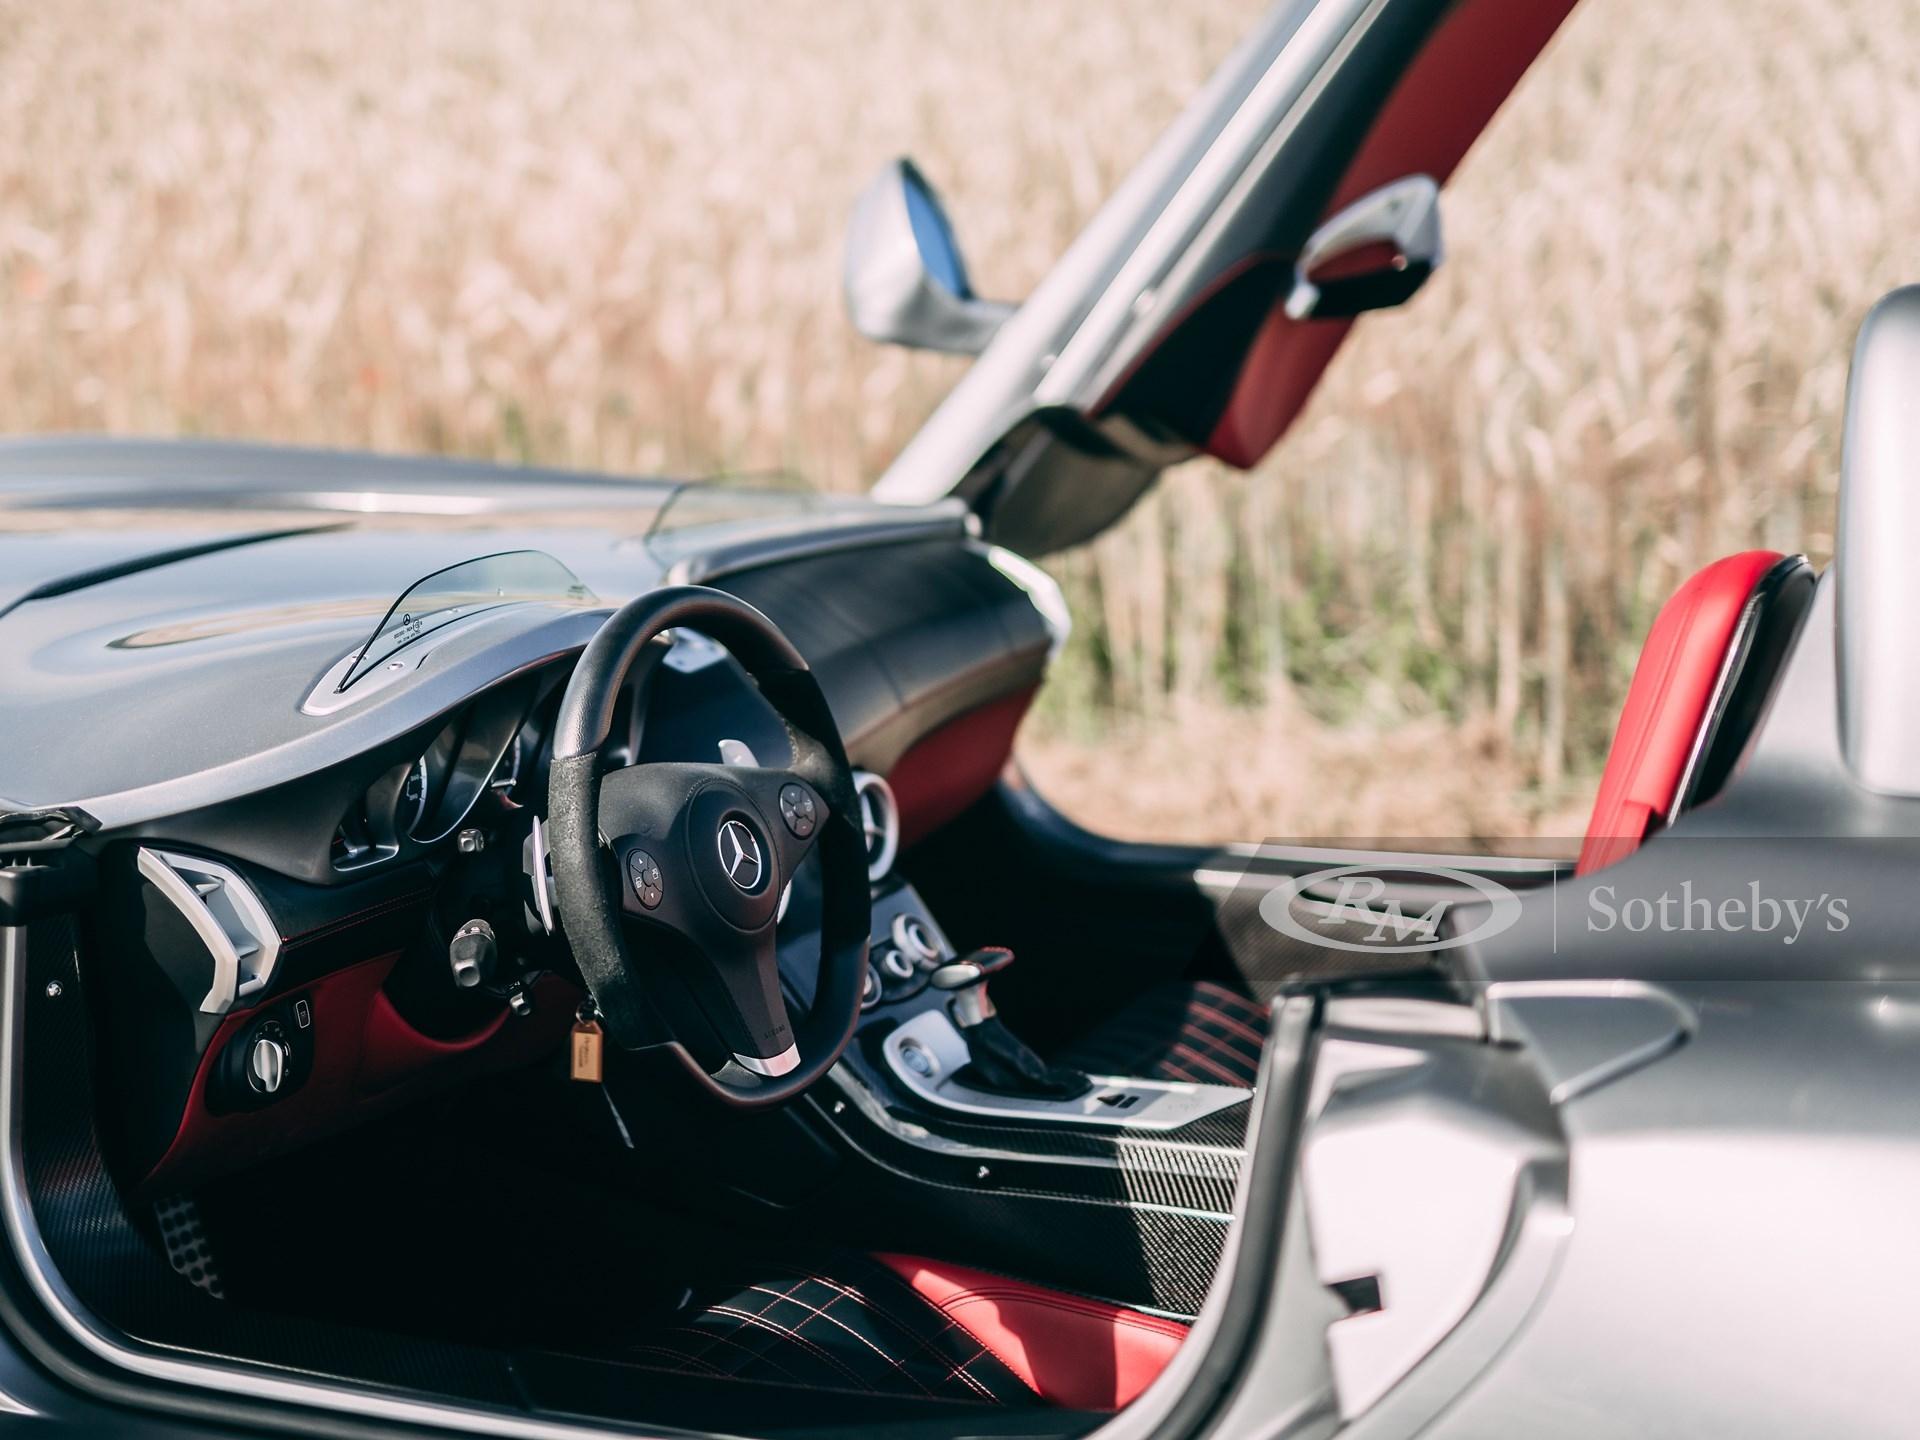 Mercedes-Benz SLR McLaren Stirling Moss 2009 asta